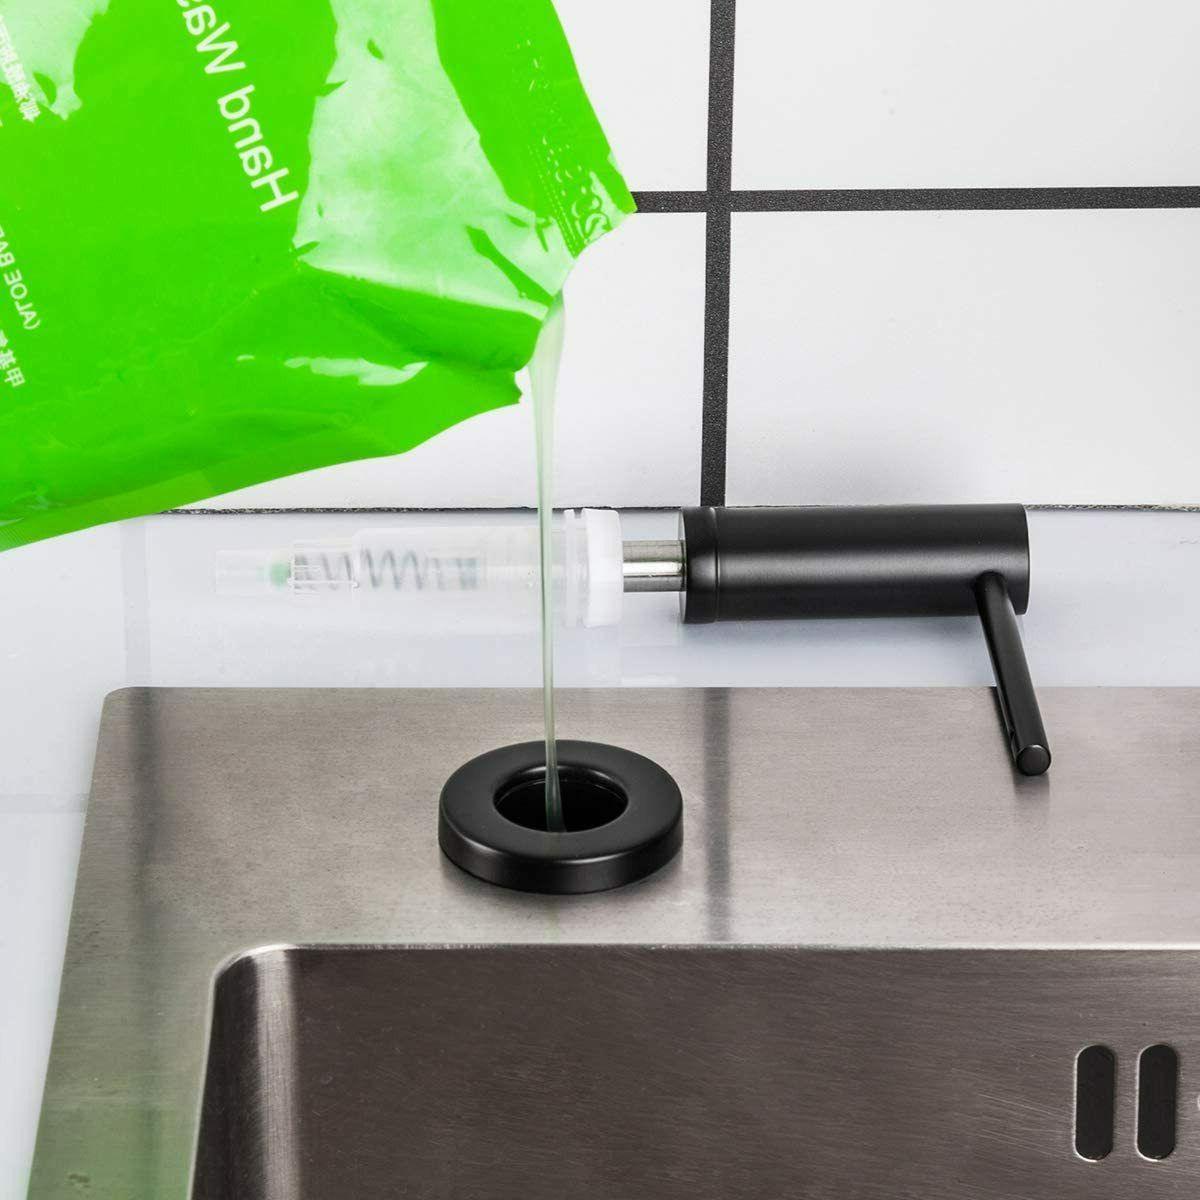 Sink Kitchen Soap Hand Dish Bottle